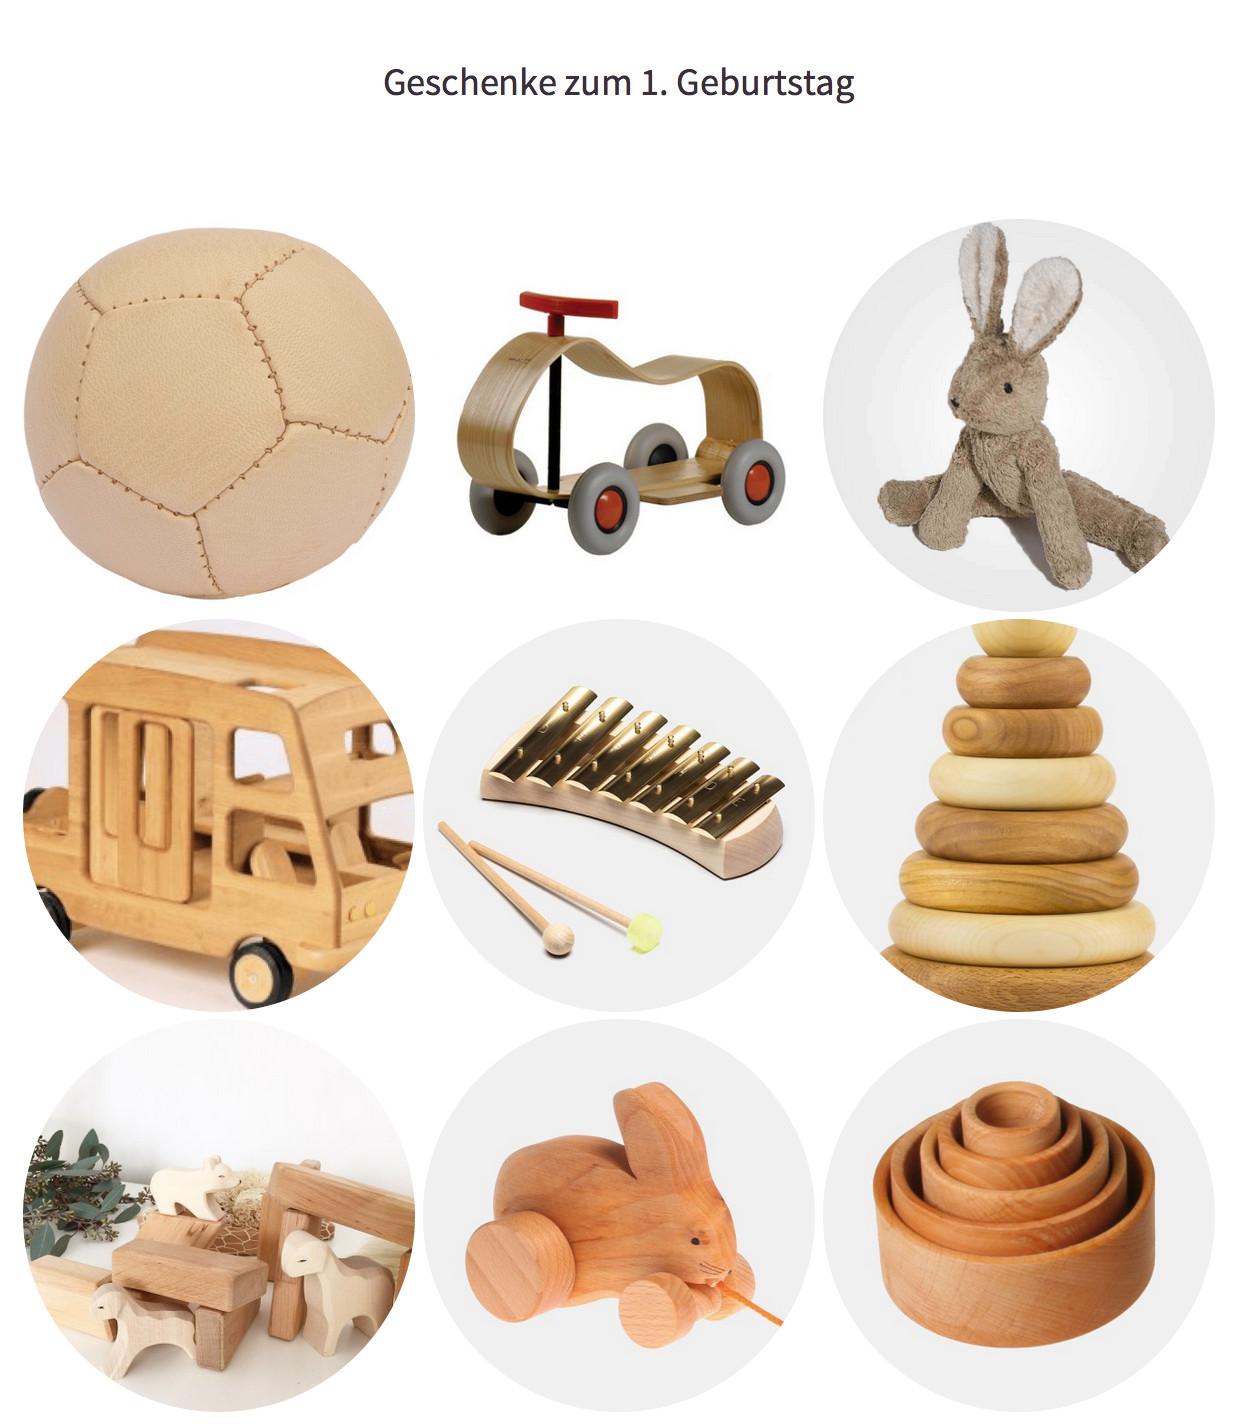 Geschenke Zum 15 Geburtstag  Geschenke zum 1 Geburtstag in Natur Mamablog & Shop